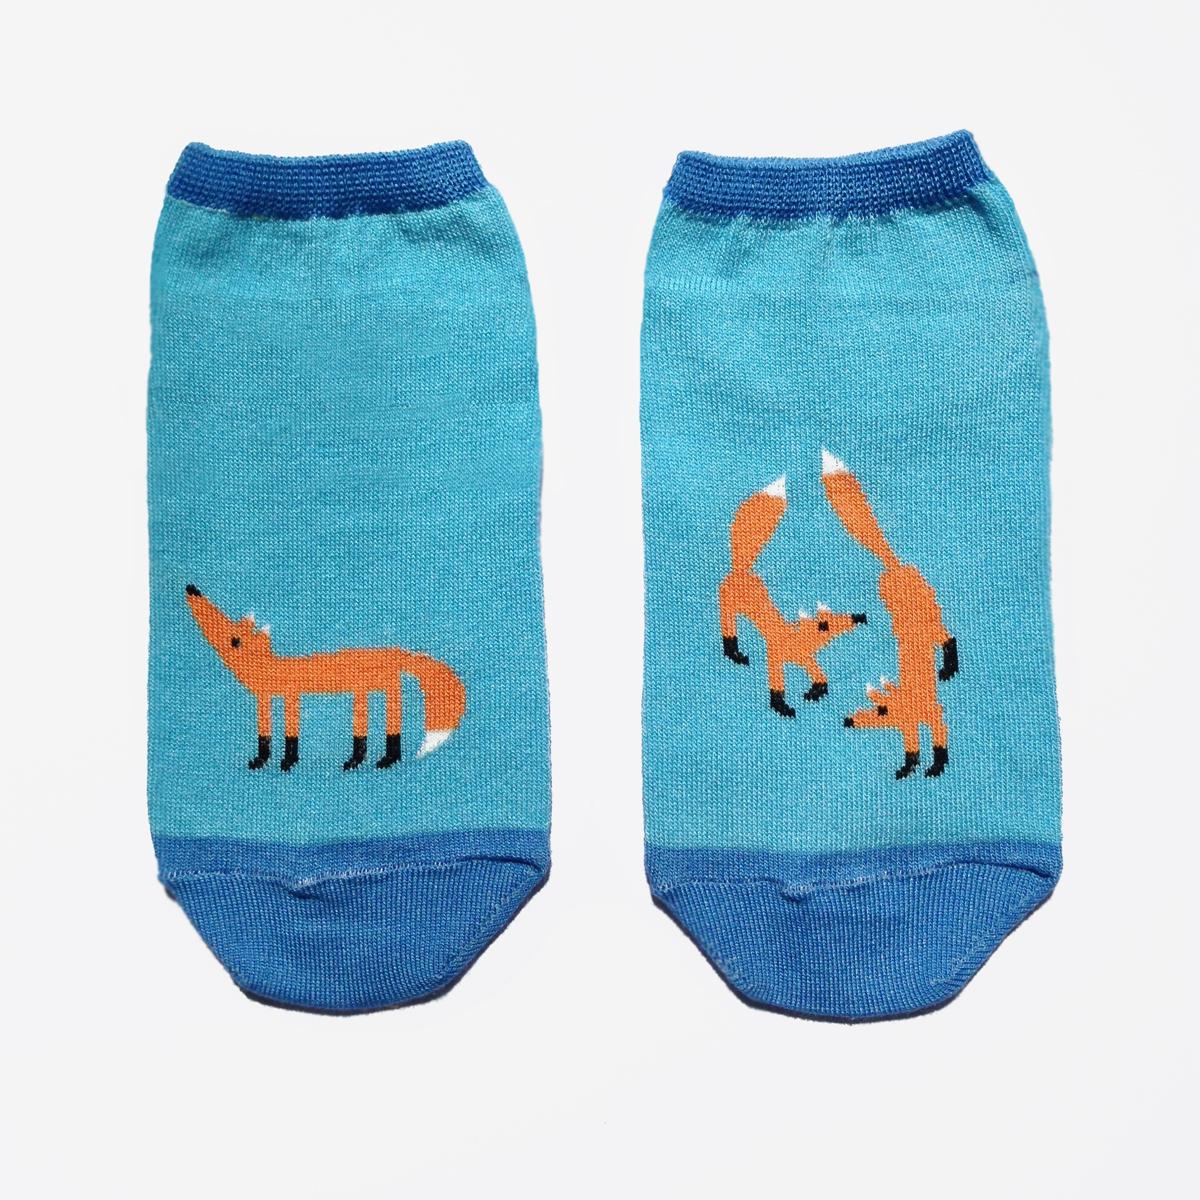 Носки женские Big Bang Socks Лиса, укороченные, цвет: голубой, оранжевый. a152. Размер 35/39 носки женские big bang socks кит цвет темно синий голубой a131 размер 35 39